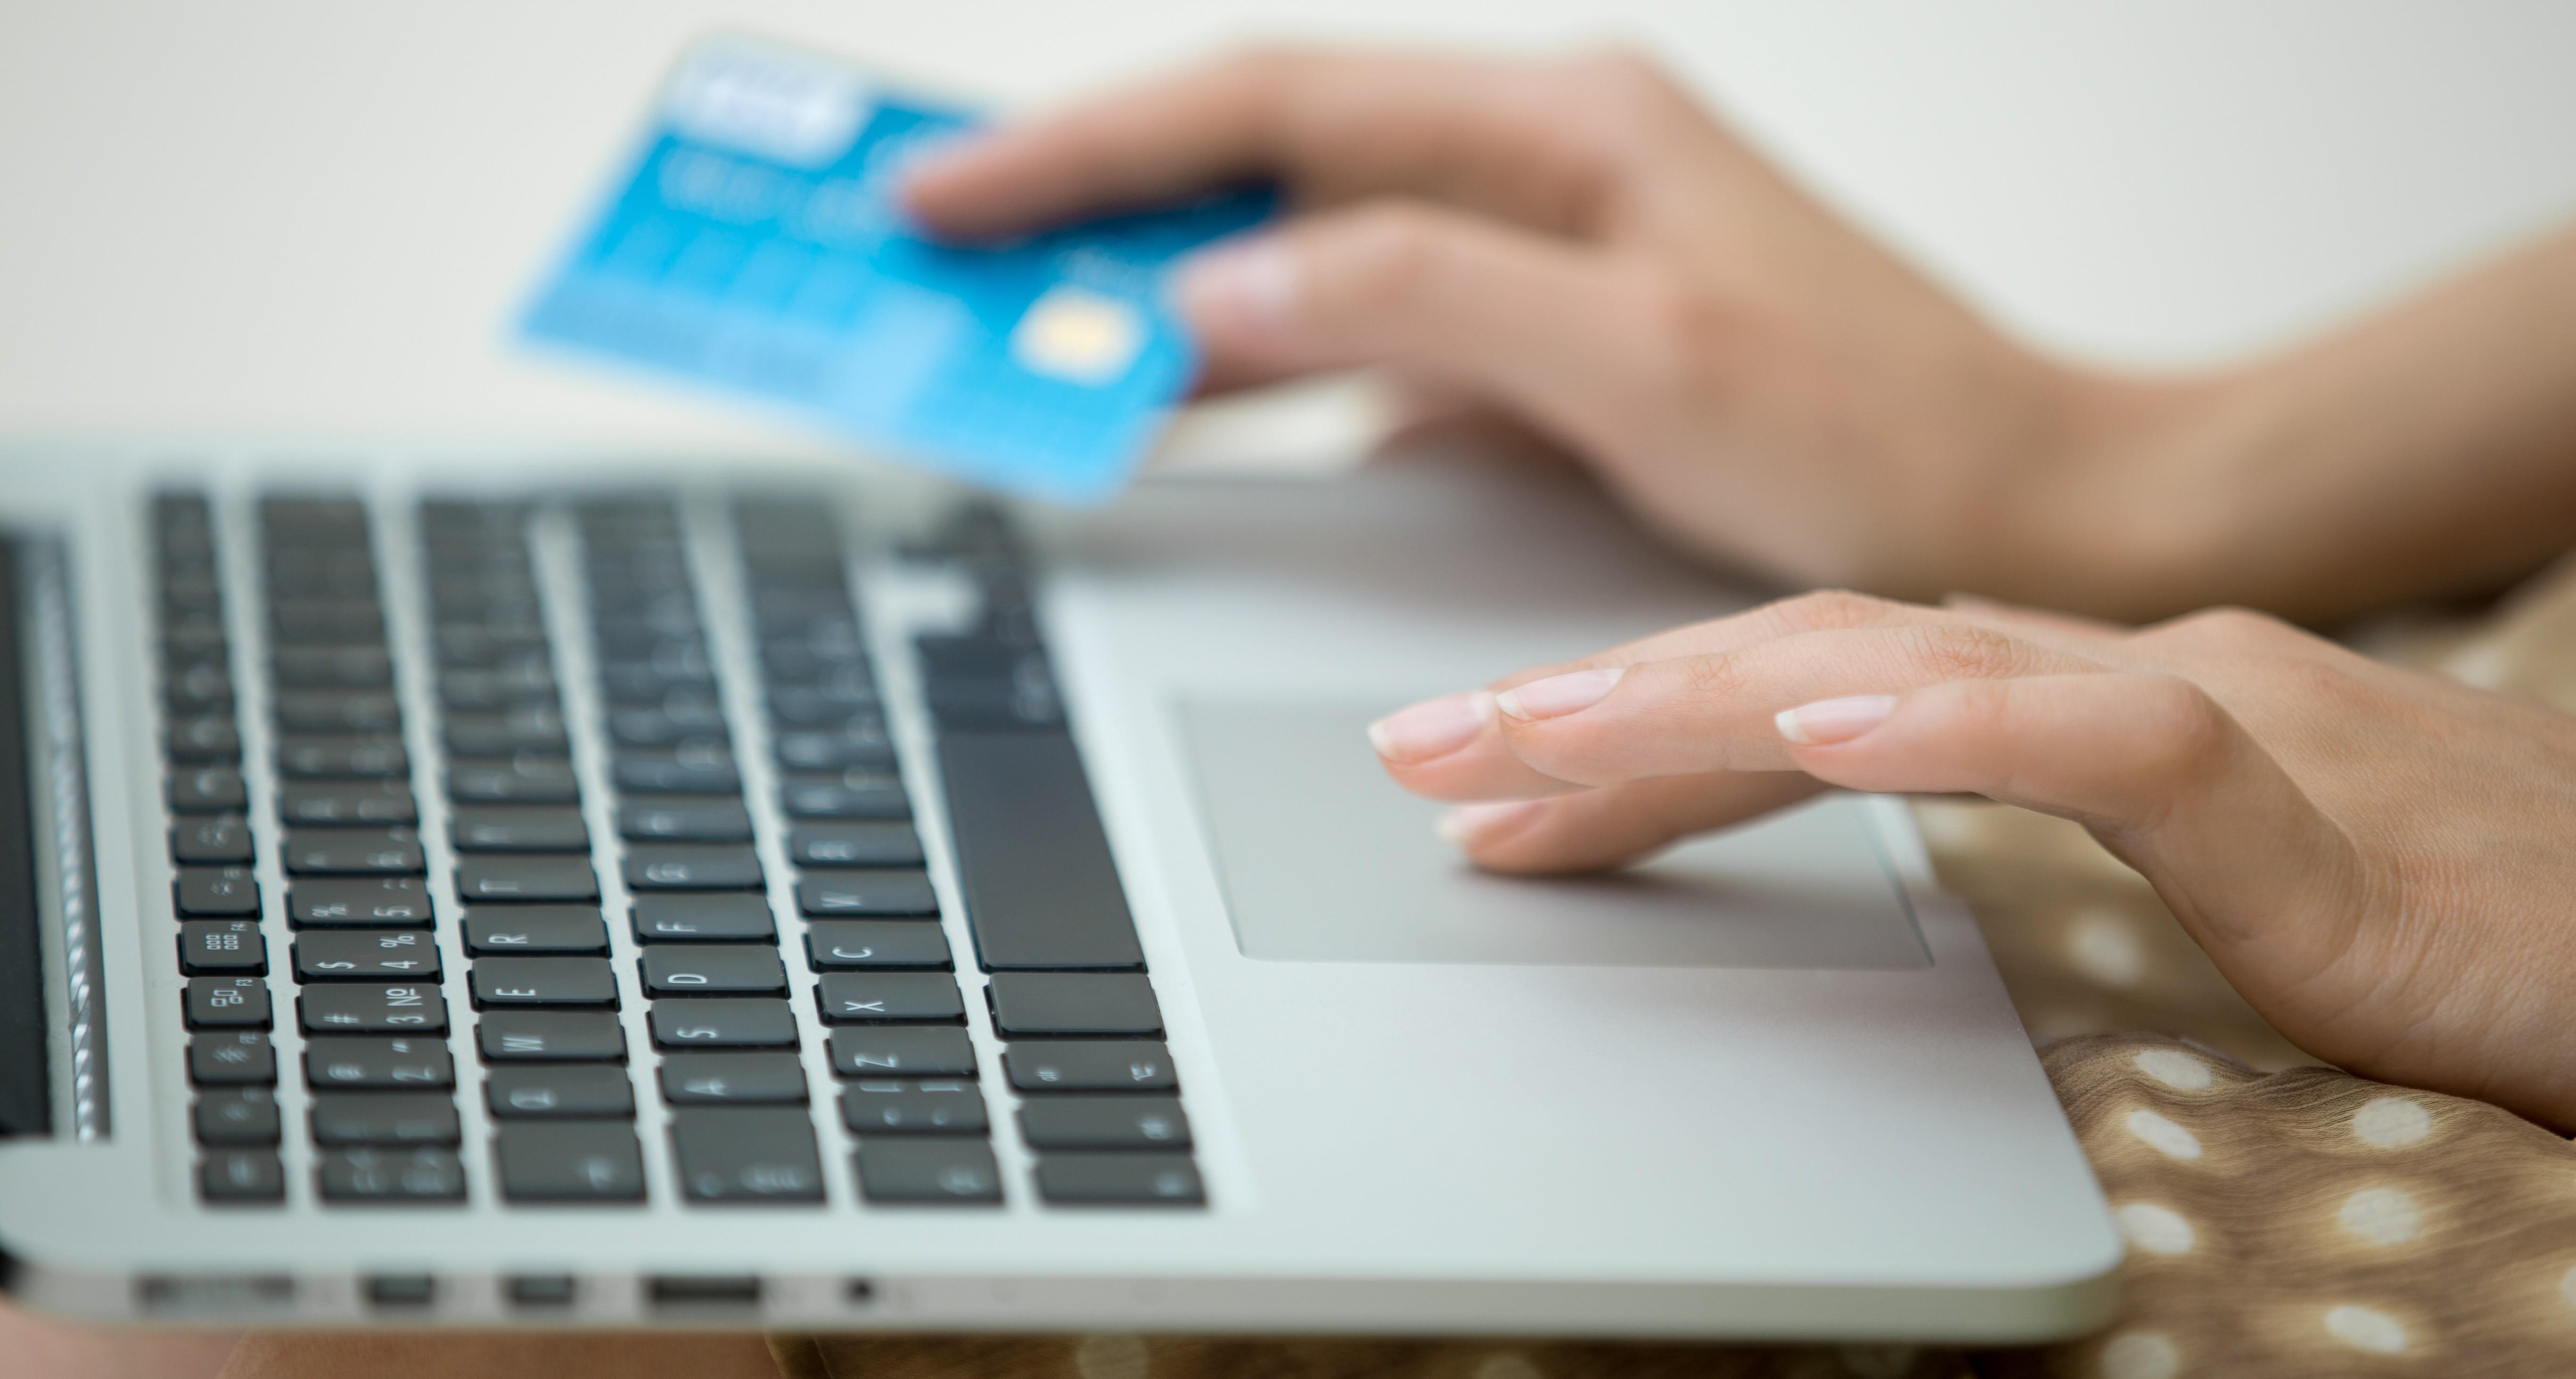 3 βασικά πραγματάκια για να είσαι ππίσσης και να ψωνίζεις με ασφάλεια από το internet